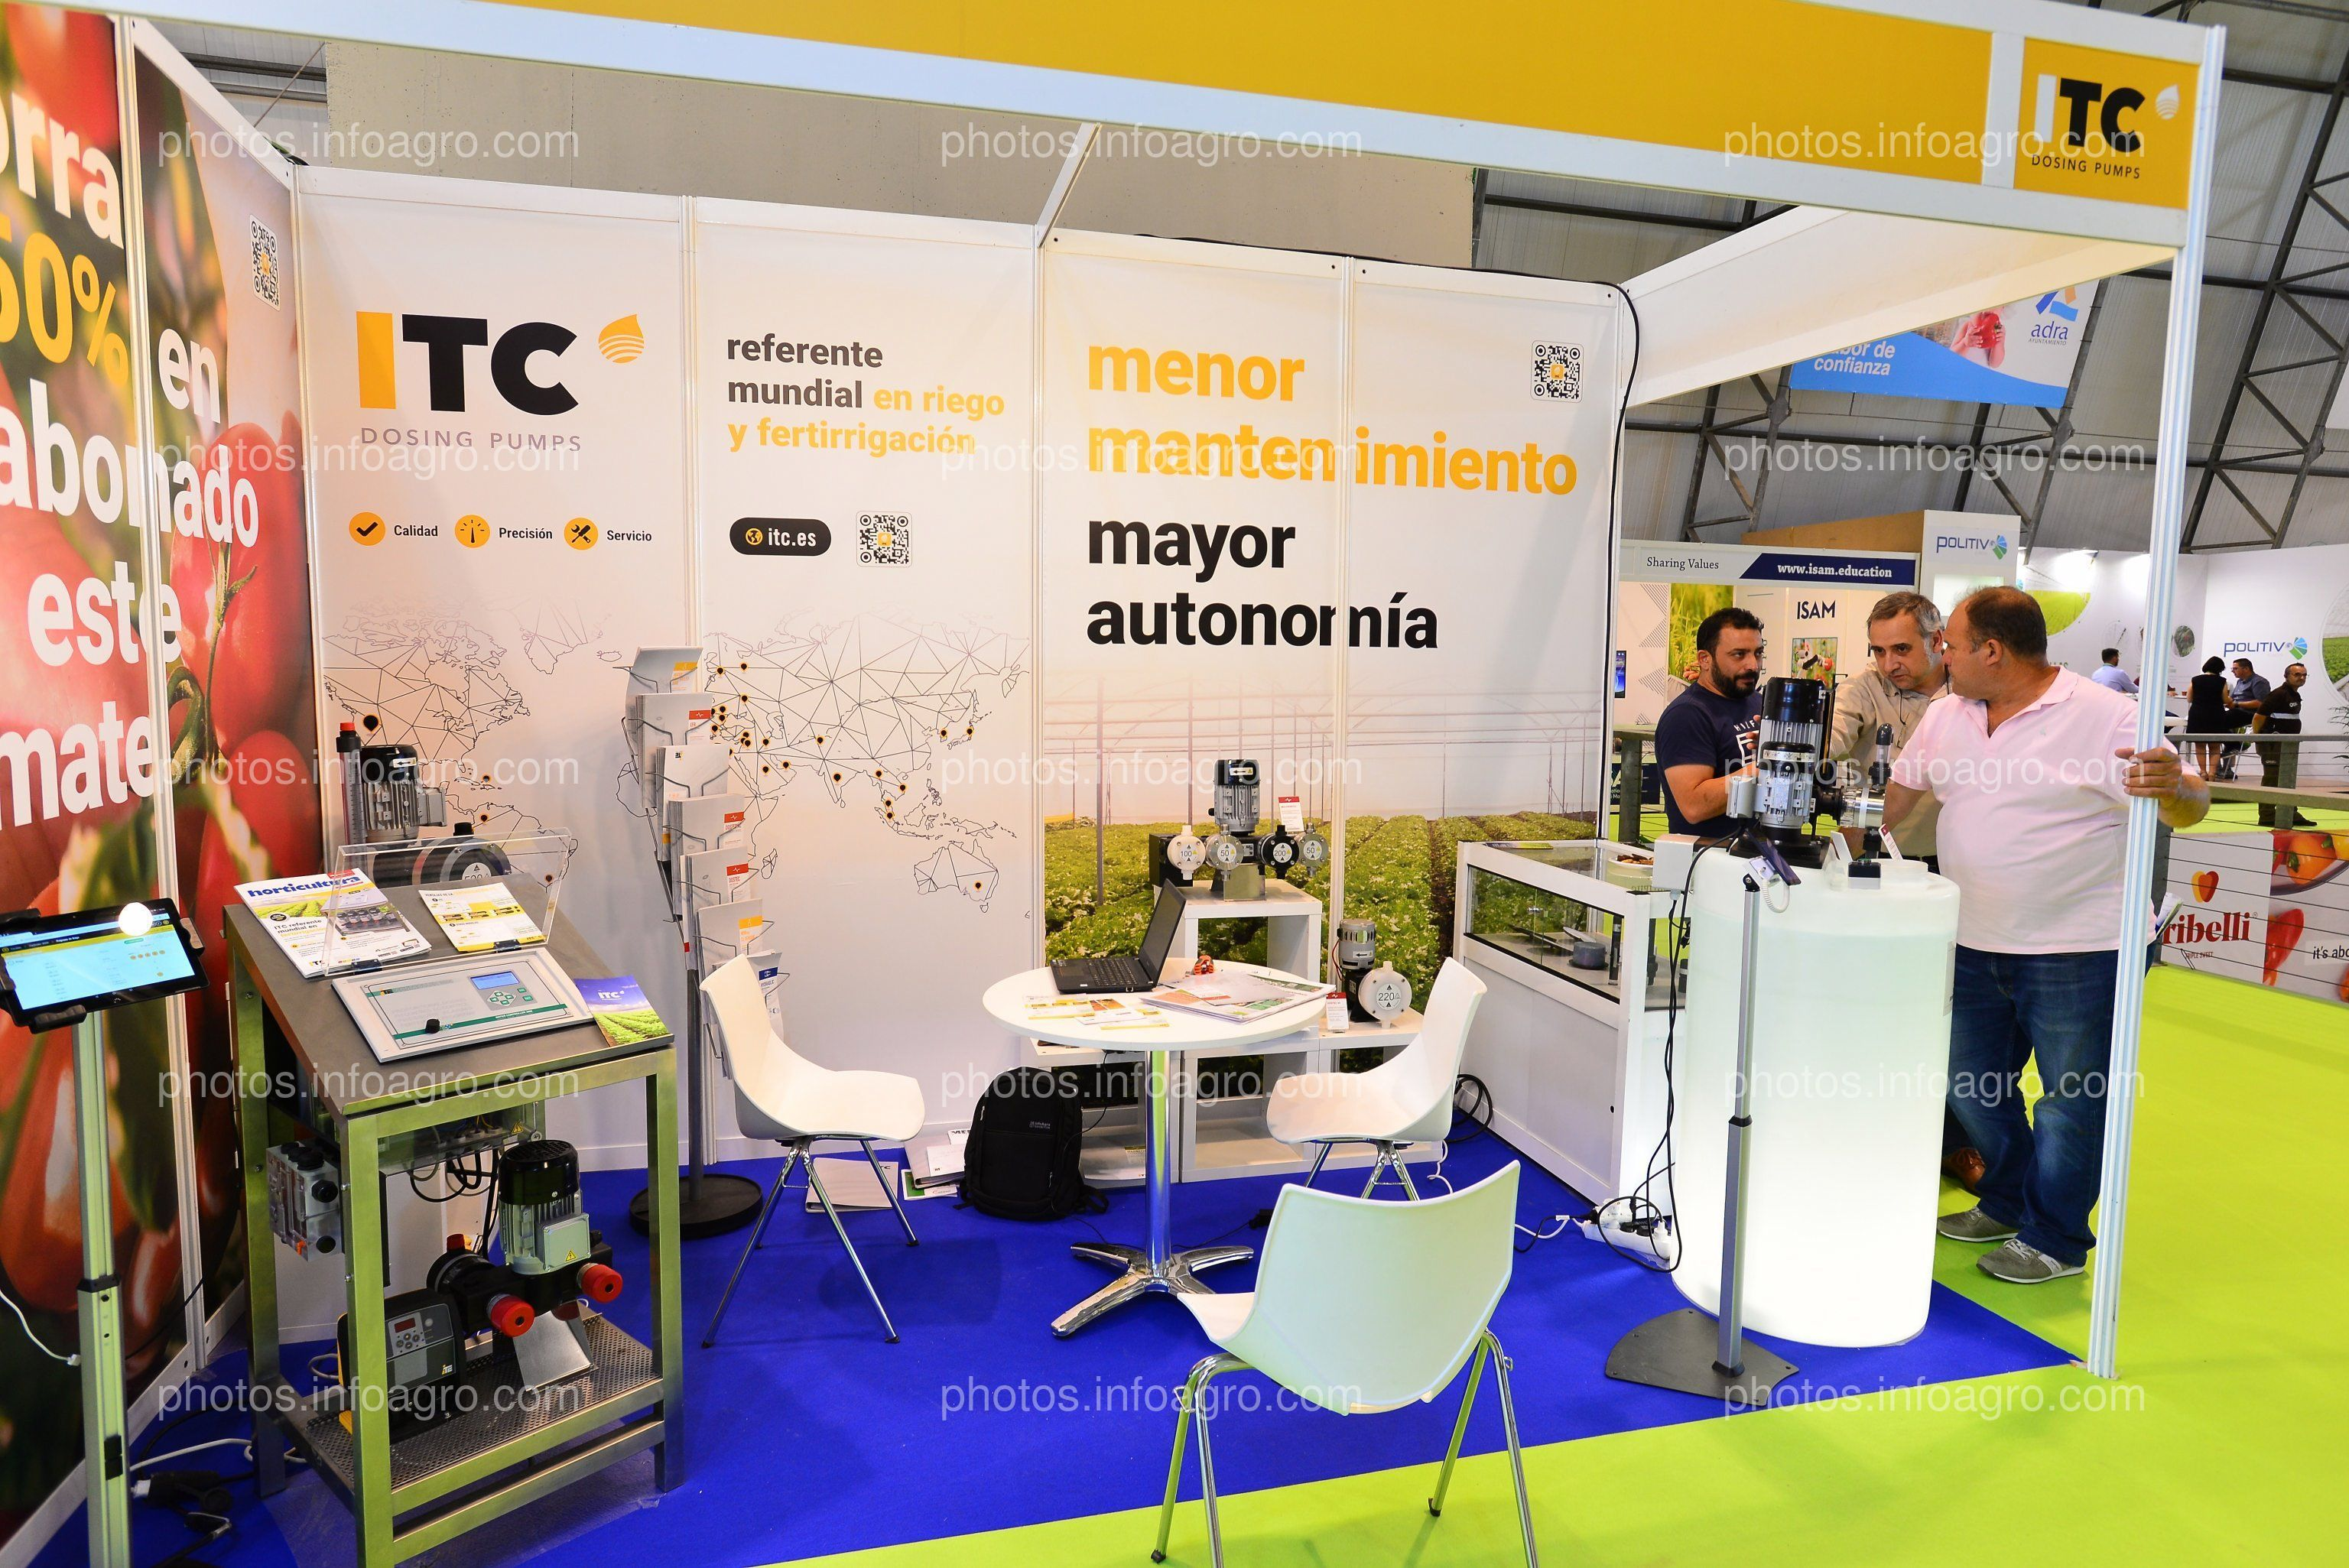 ITC - Stand Infoagro Exhibition